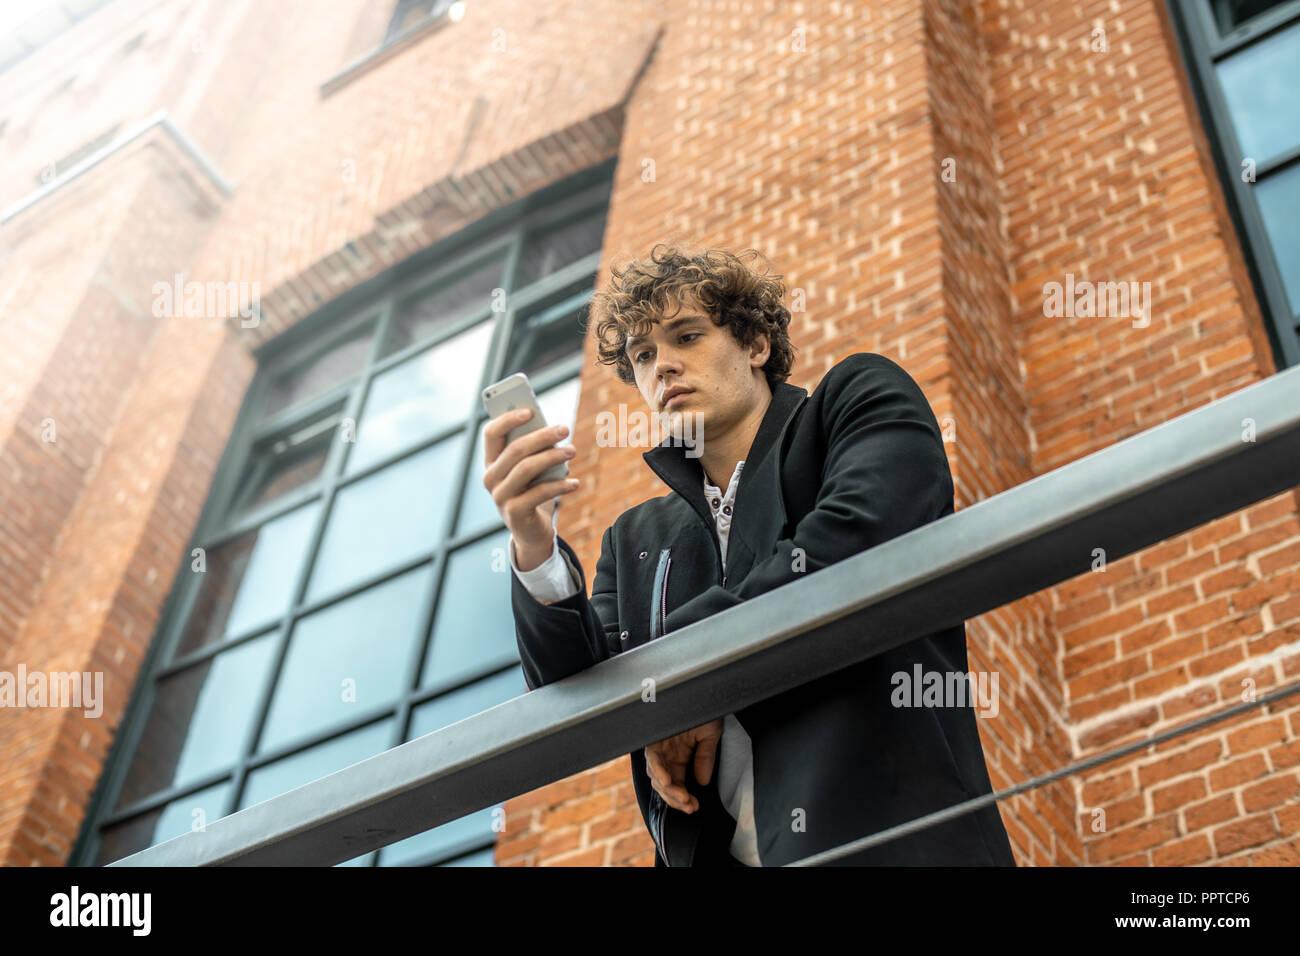 Attraktive nachdenklicher Mann stand auf der Treppe und Mobiltelefon. Stockbild